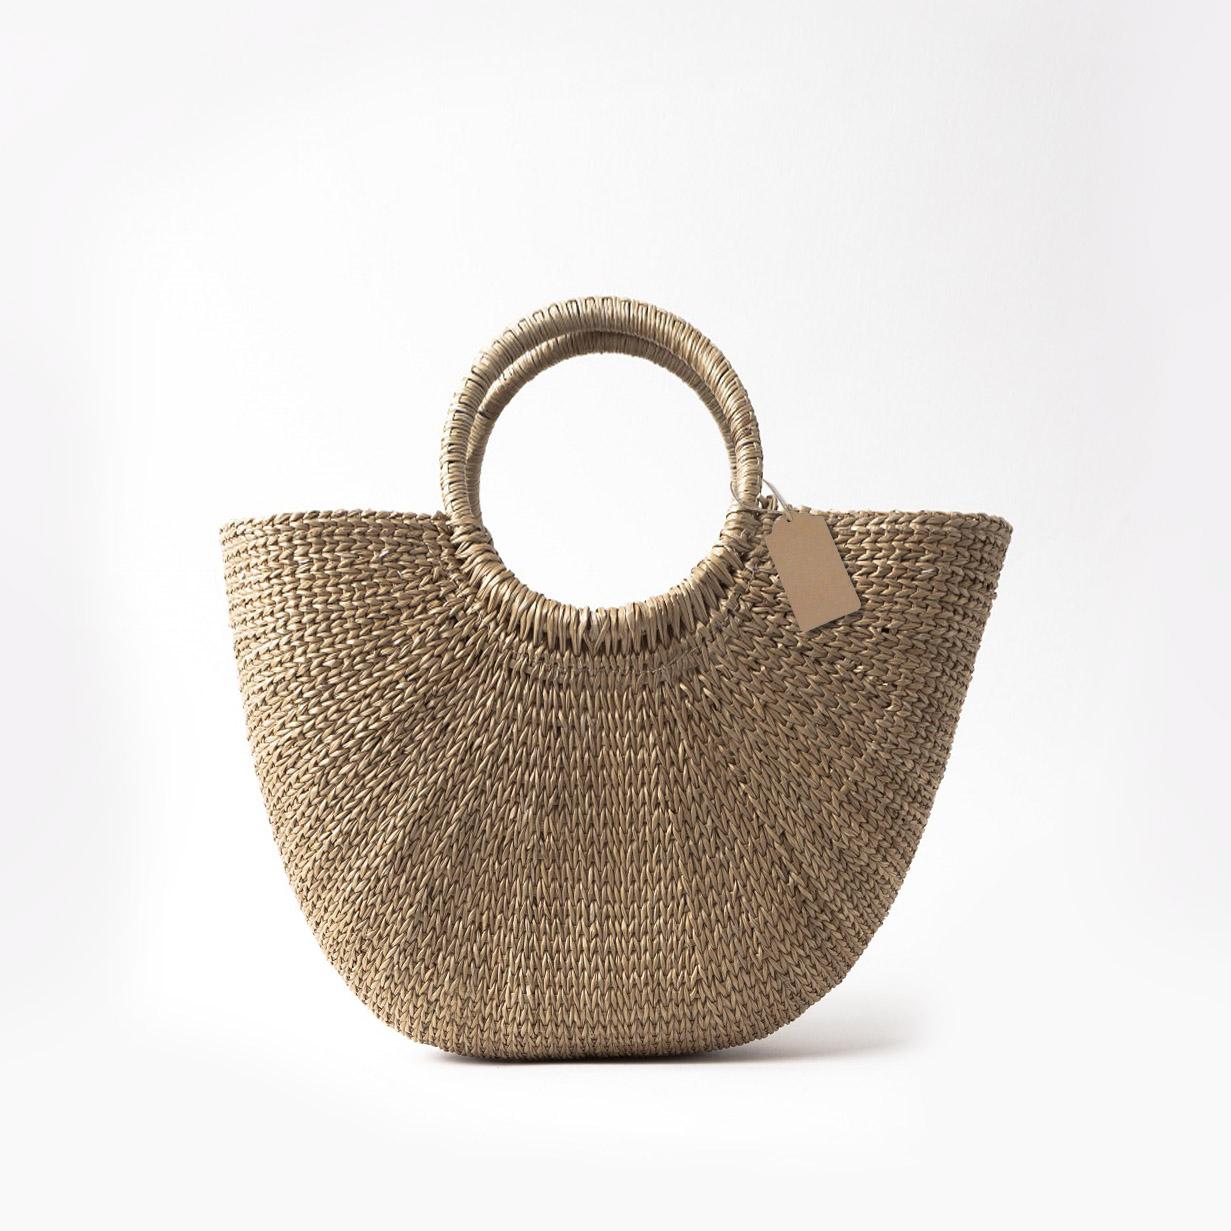 299fa079482b Handmade Rattan Bag From Thailand - Handbag-Asia.com